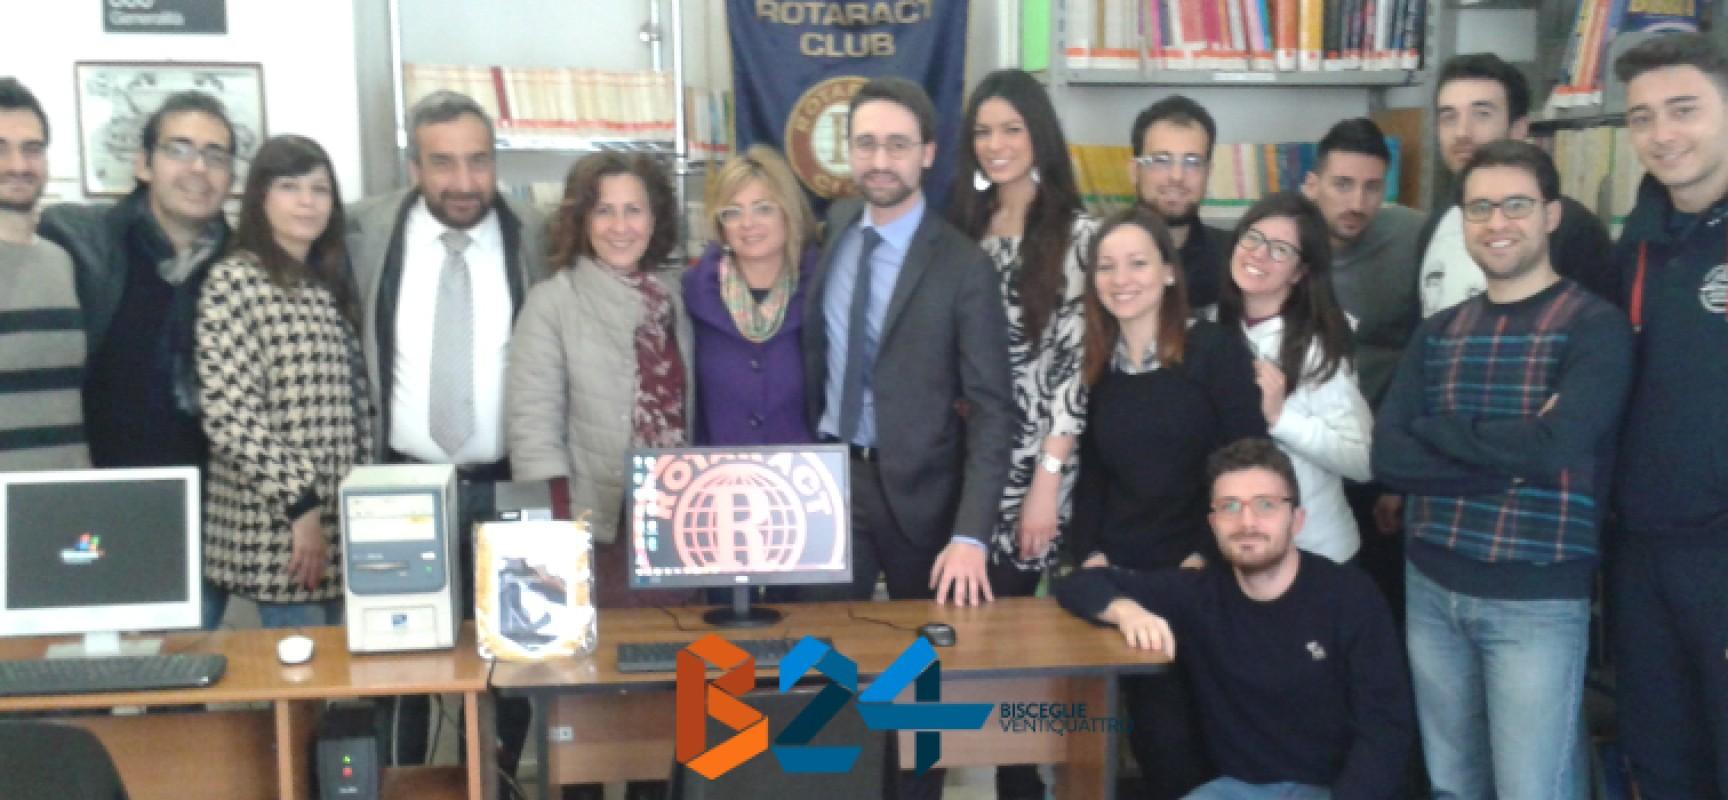 """Il Rotaract Bisceglie dona un secondo pc alla Biblioteca Comunale """"Pompeo Sarnelli"""""""